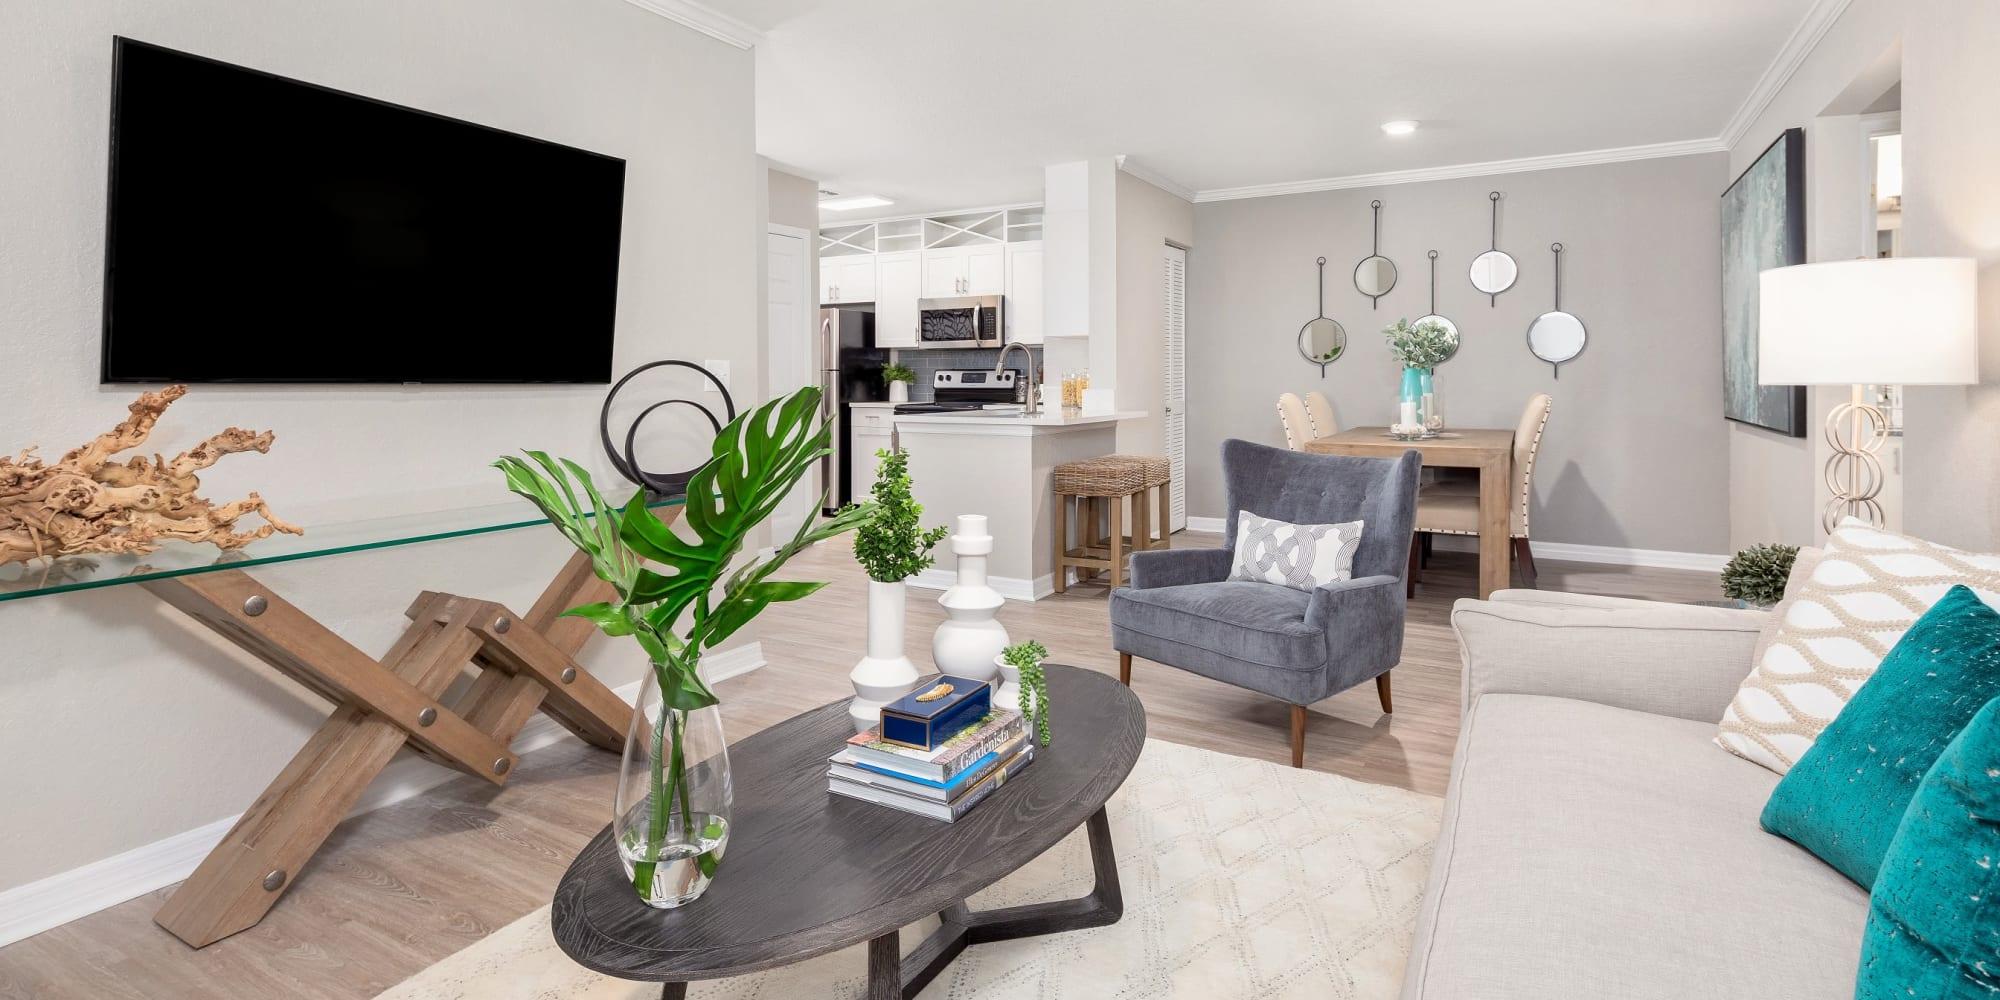 Apartments at Amira at Westly in Tampa, Florida